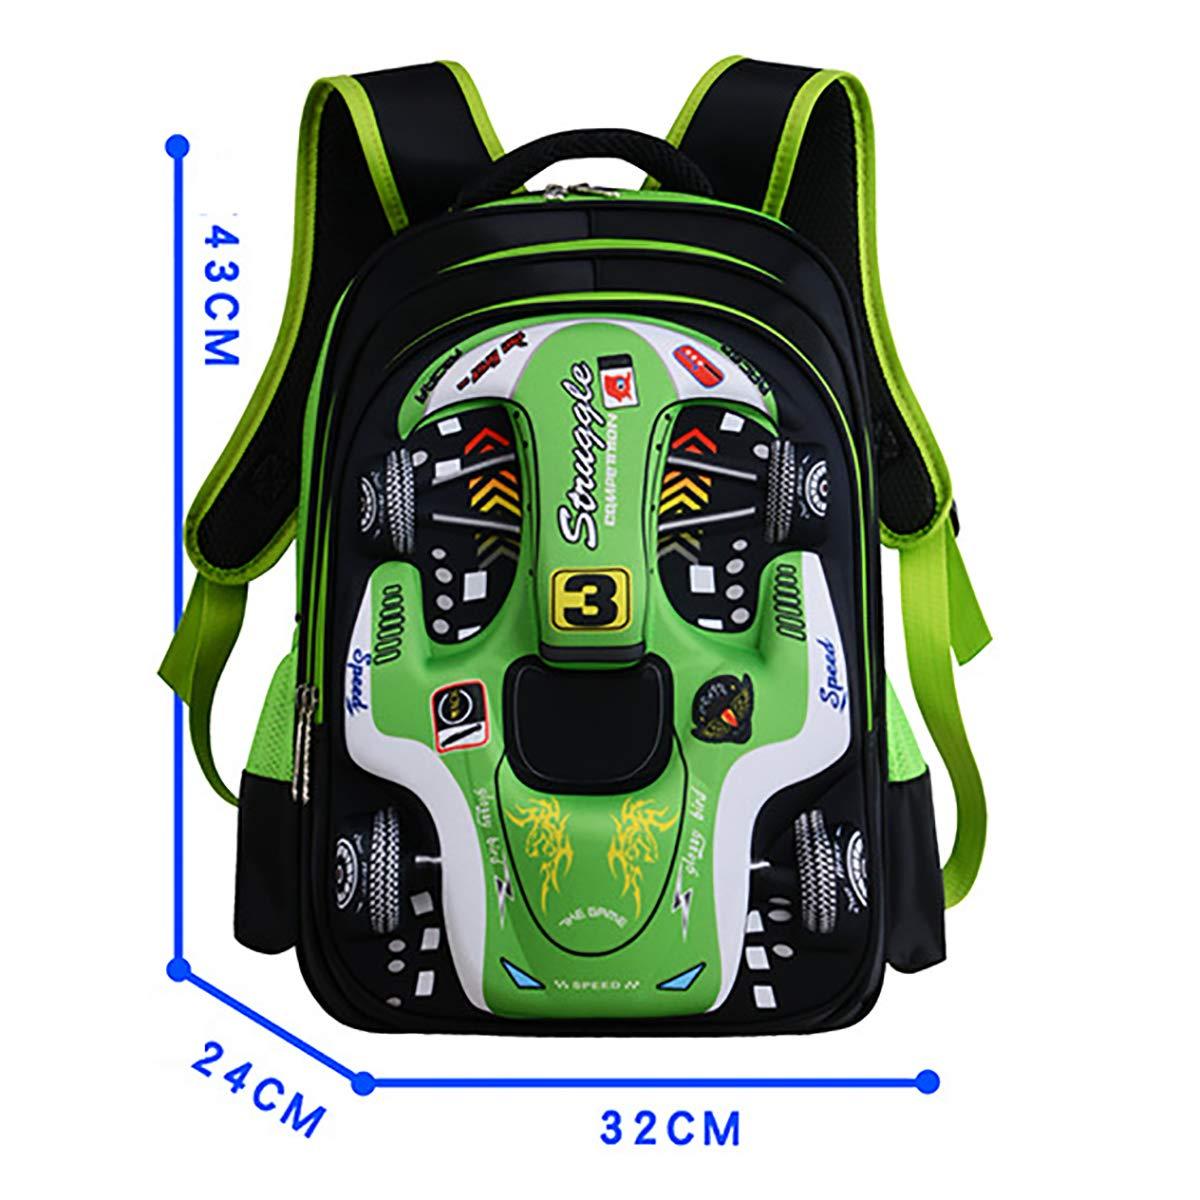 ec5efc4605d89 OOFAY Schultasche Für Jungen 3D Racing Schultern Tasche 6-12 Jahre Alt  Kinder Rucksack 12